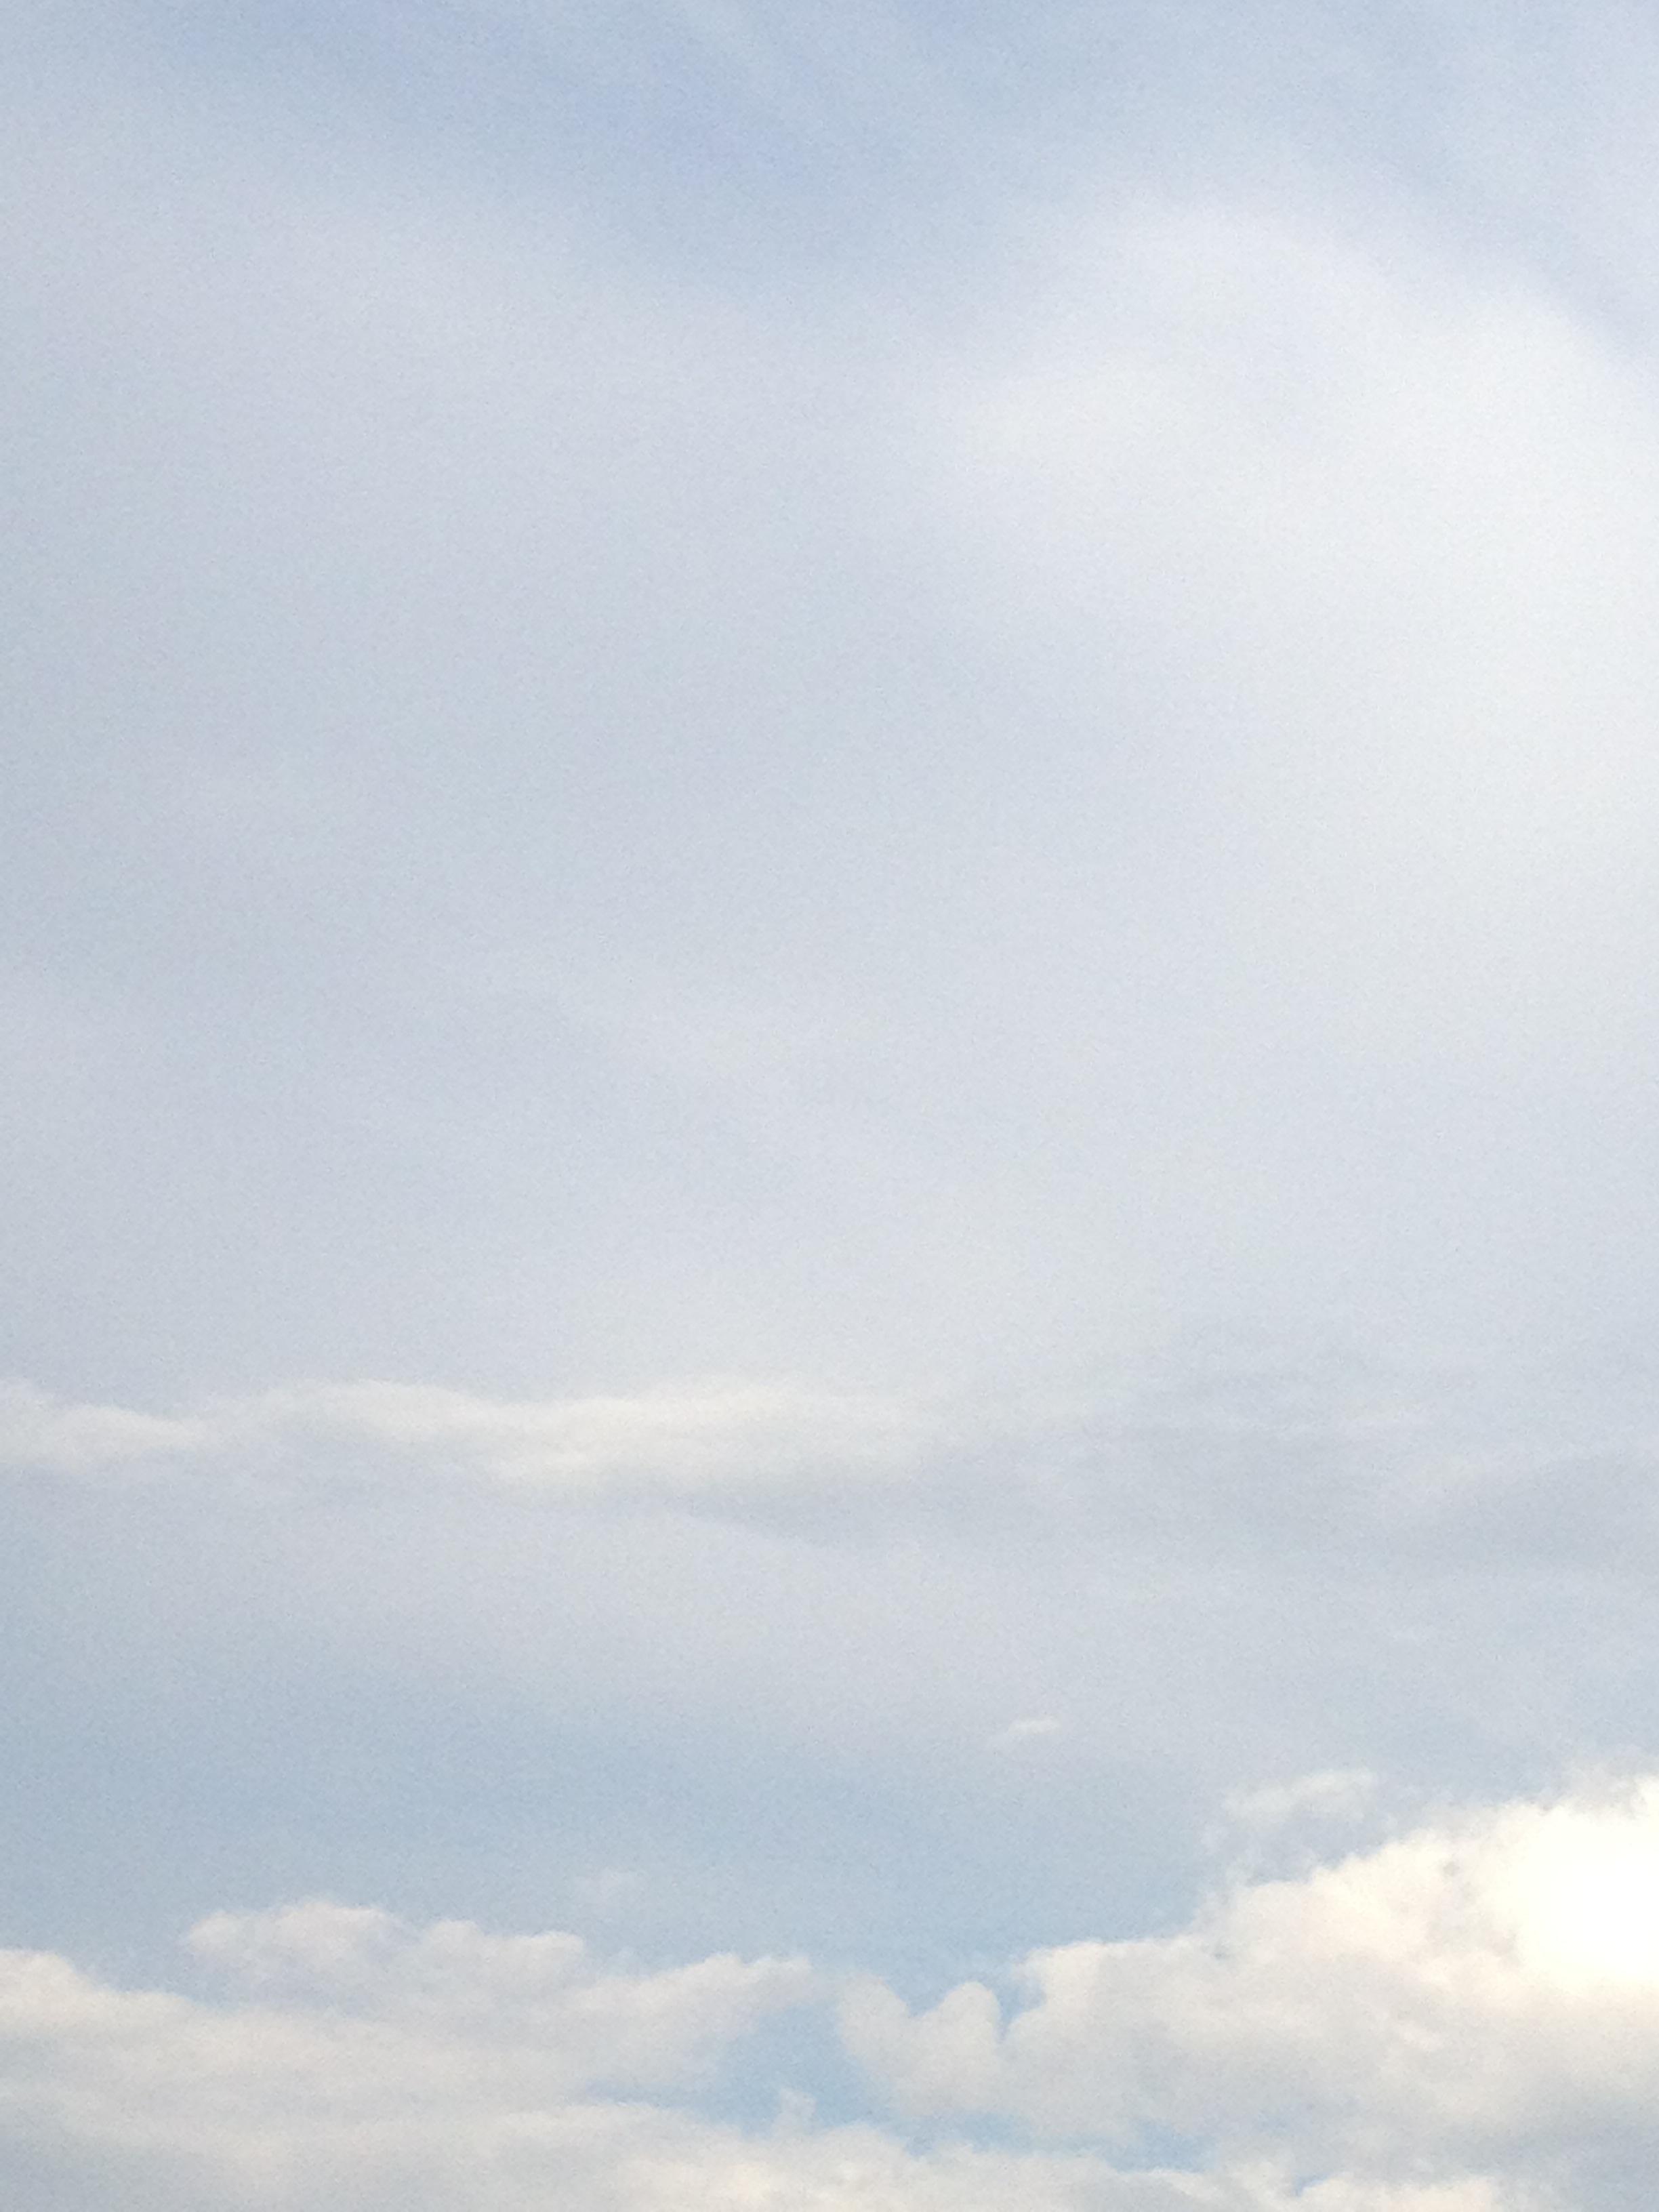 全体に薄い雲